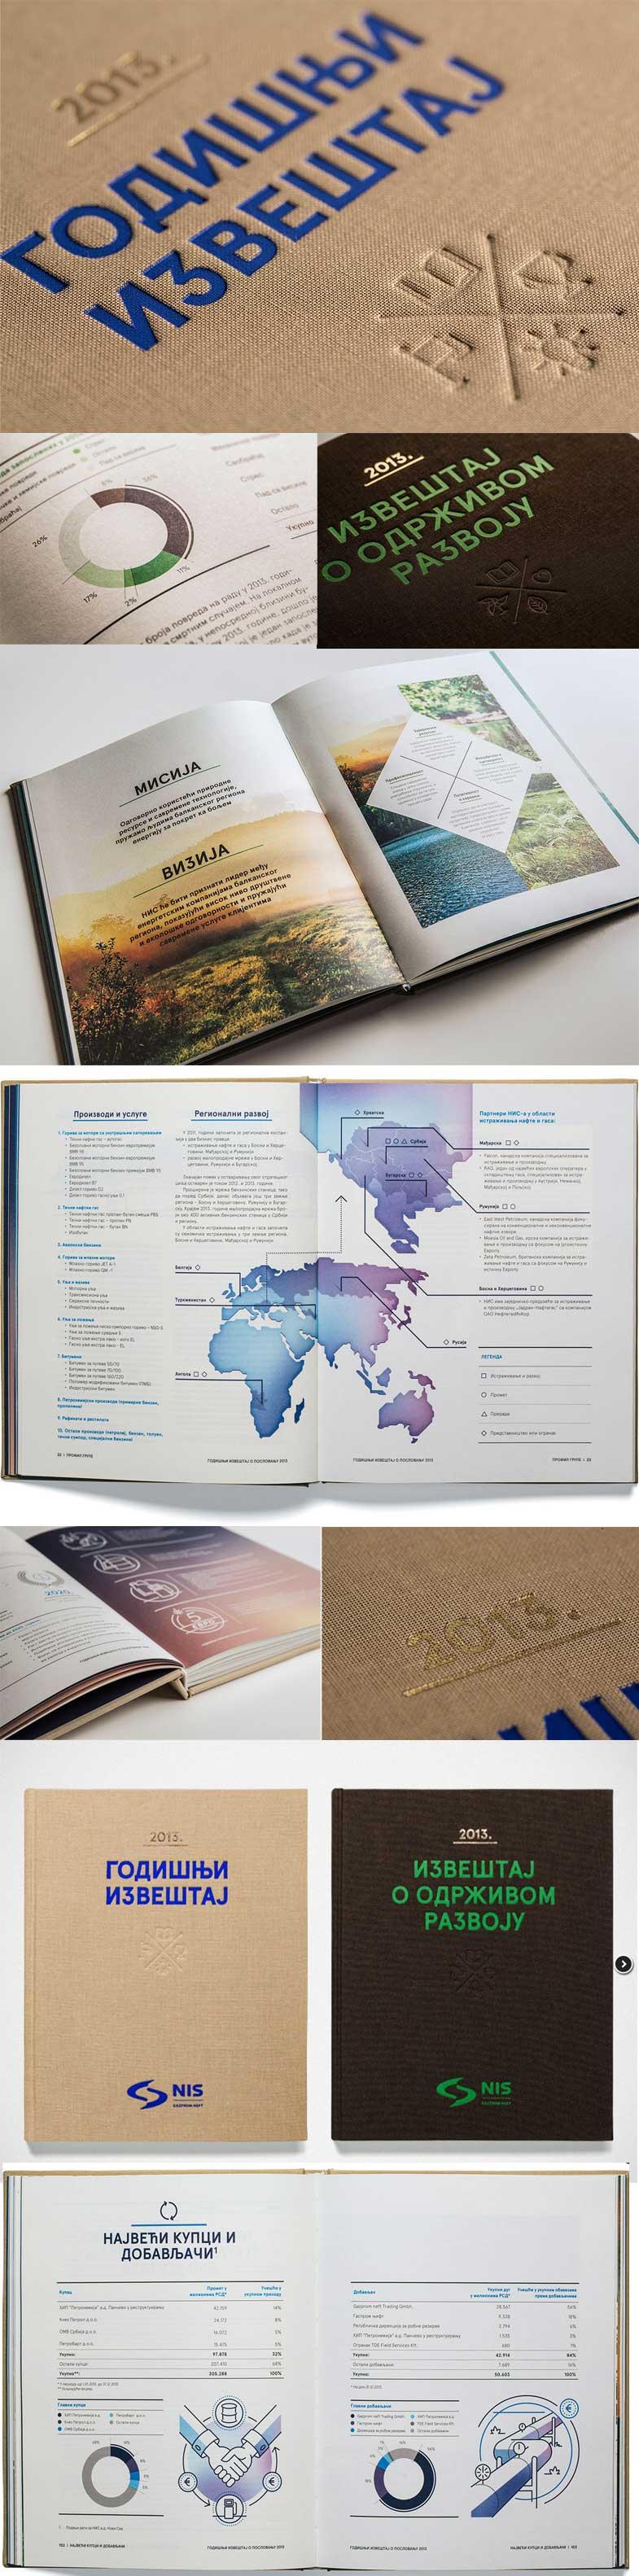 精美宣传手册设计